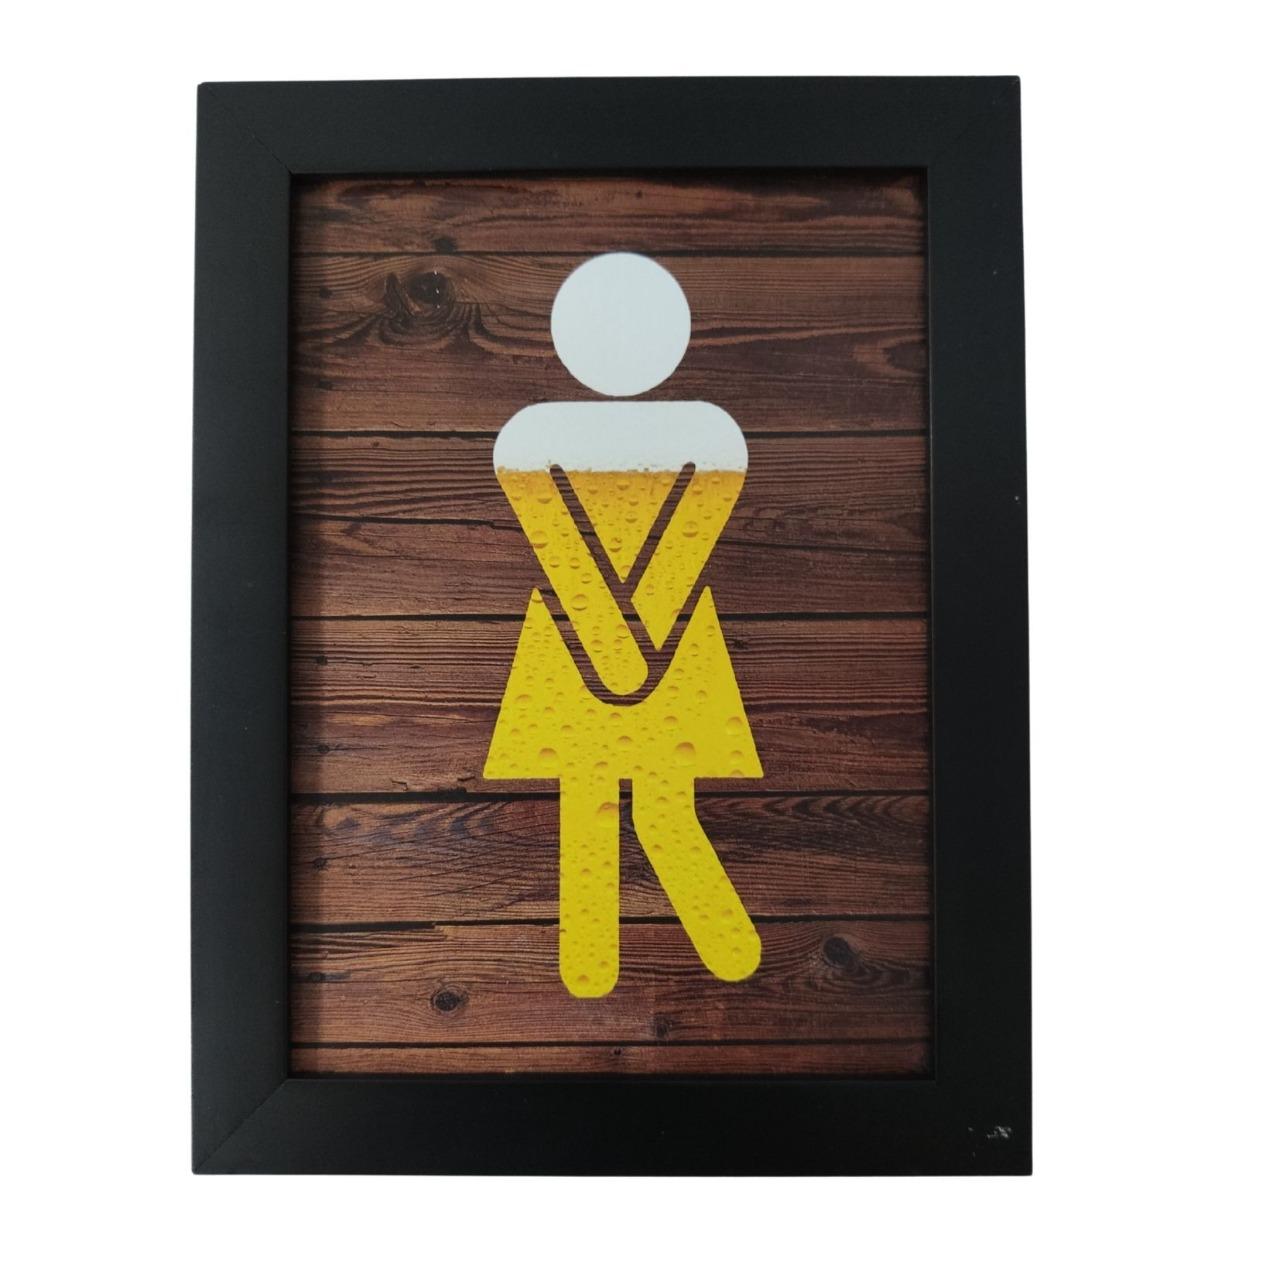 Placa Indicativa de Banheiro Toalete Criativo para Bar e Restaurante - Mulher / Feminino